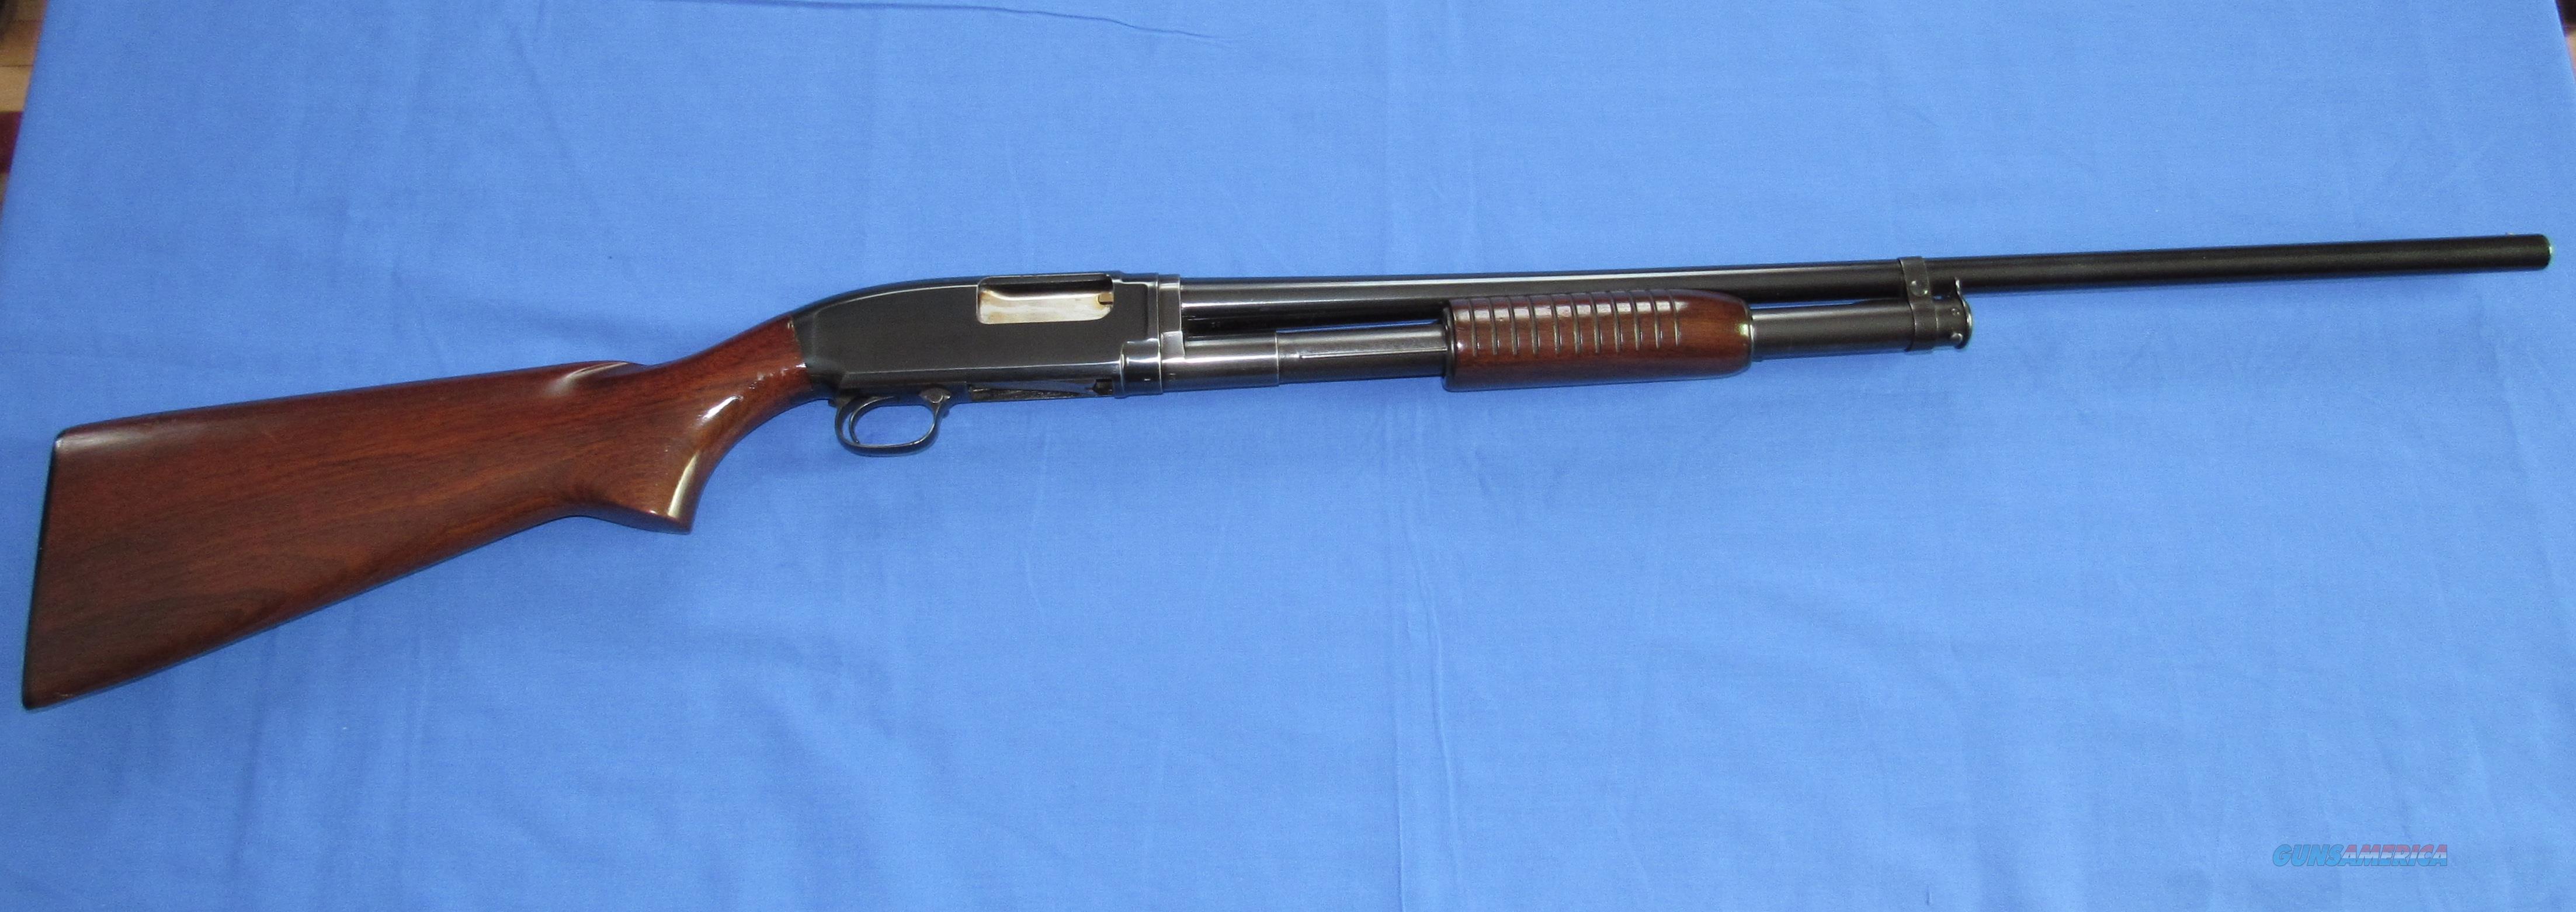 WINCHESTER MODE 12 16 GAUGE PUMP SHOTGUN  Guns > Shotguns > Winchester Shotguns - Modern > Pump Action > Hunting